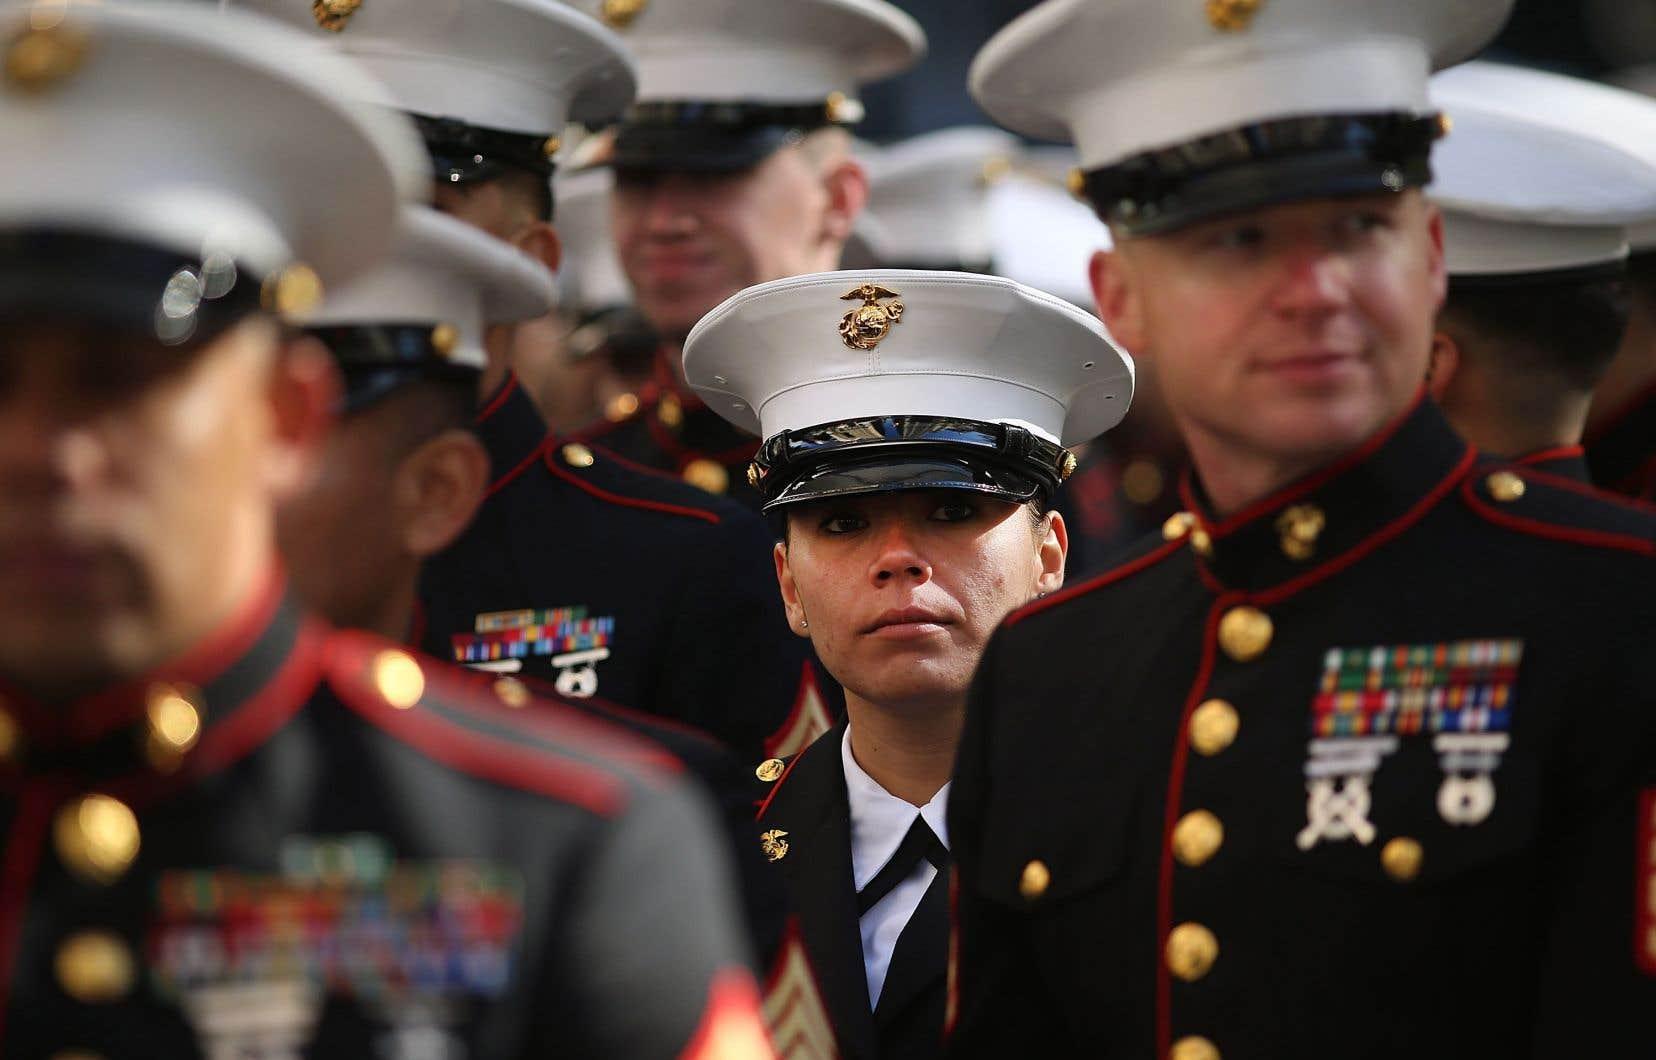 Le défilé aura lieule 11novembre, jour férié commémorant les anciens combattants.